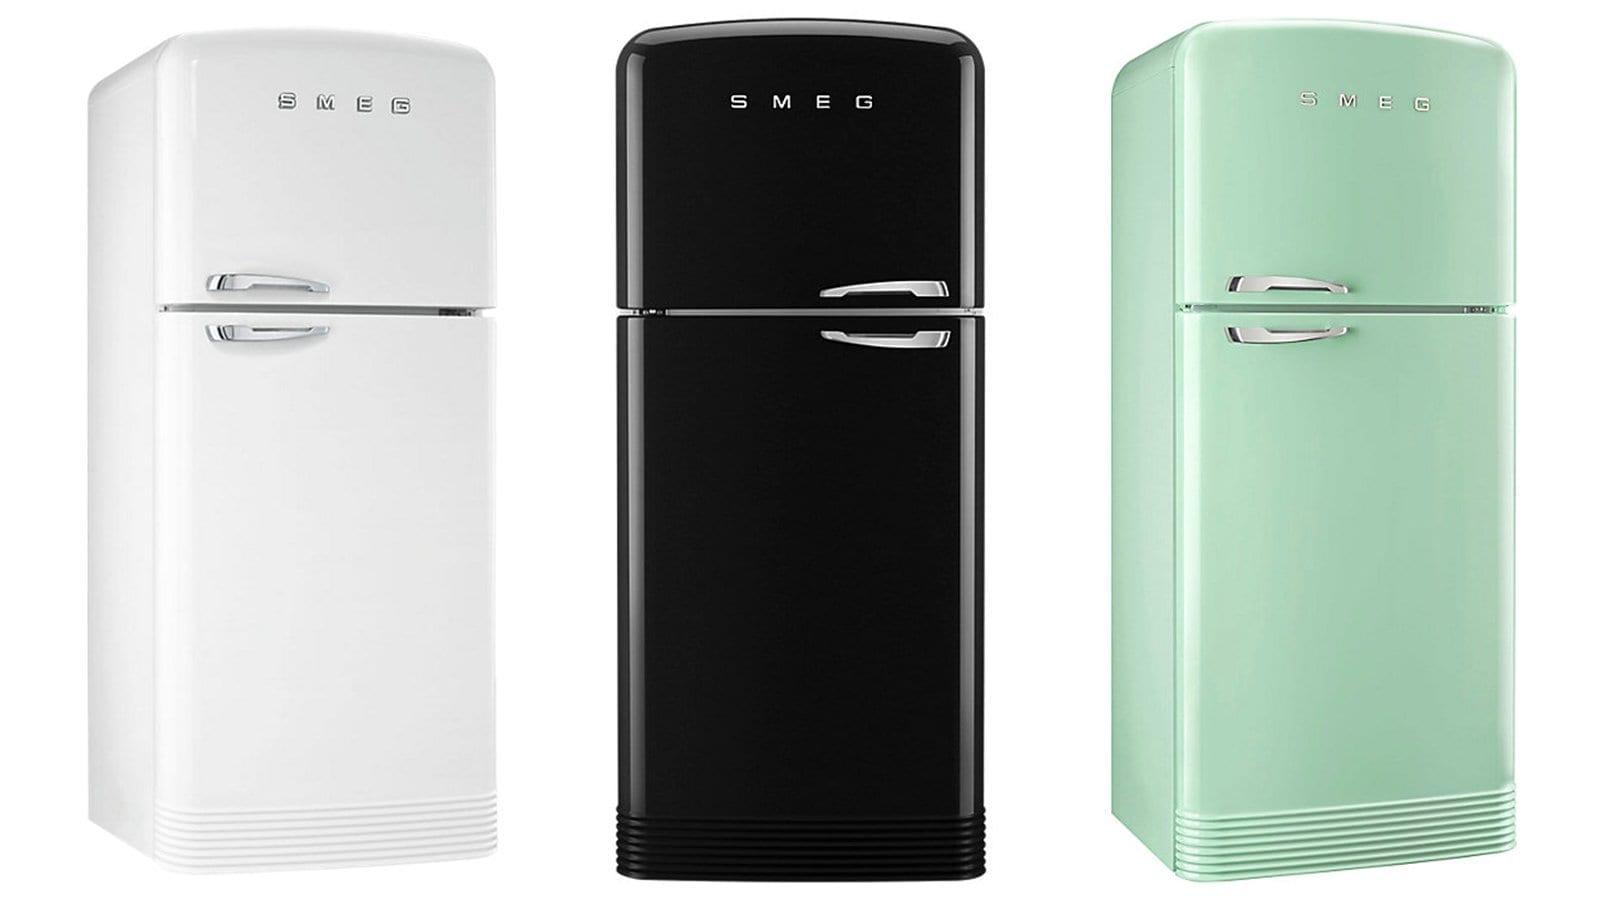 """Холодильники """"smeg"""" (смег): отзывы и обзор модельного ряда"""